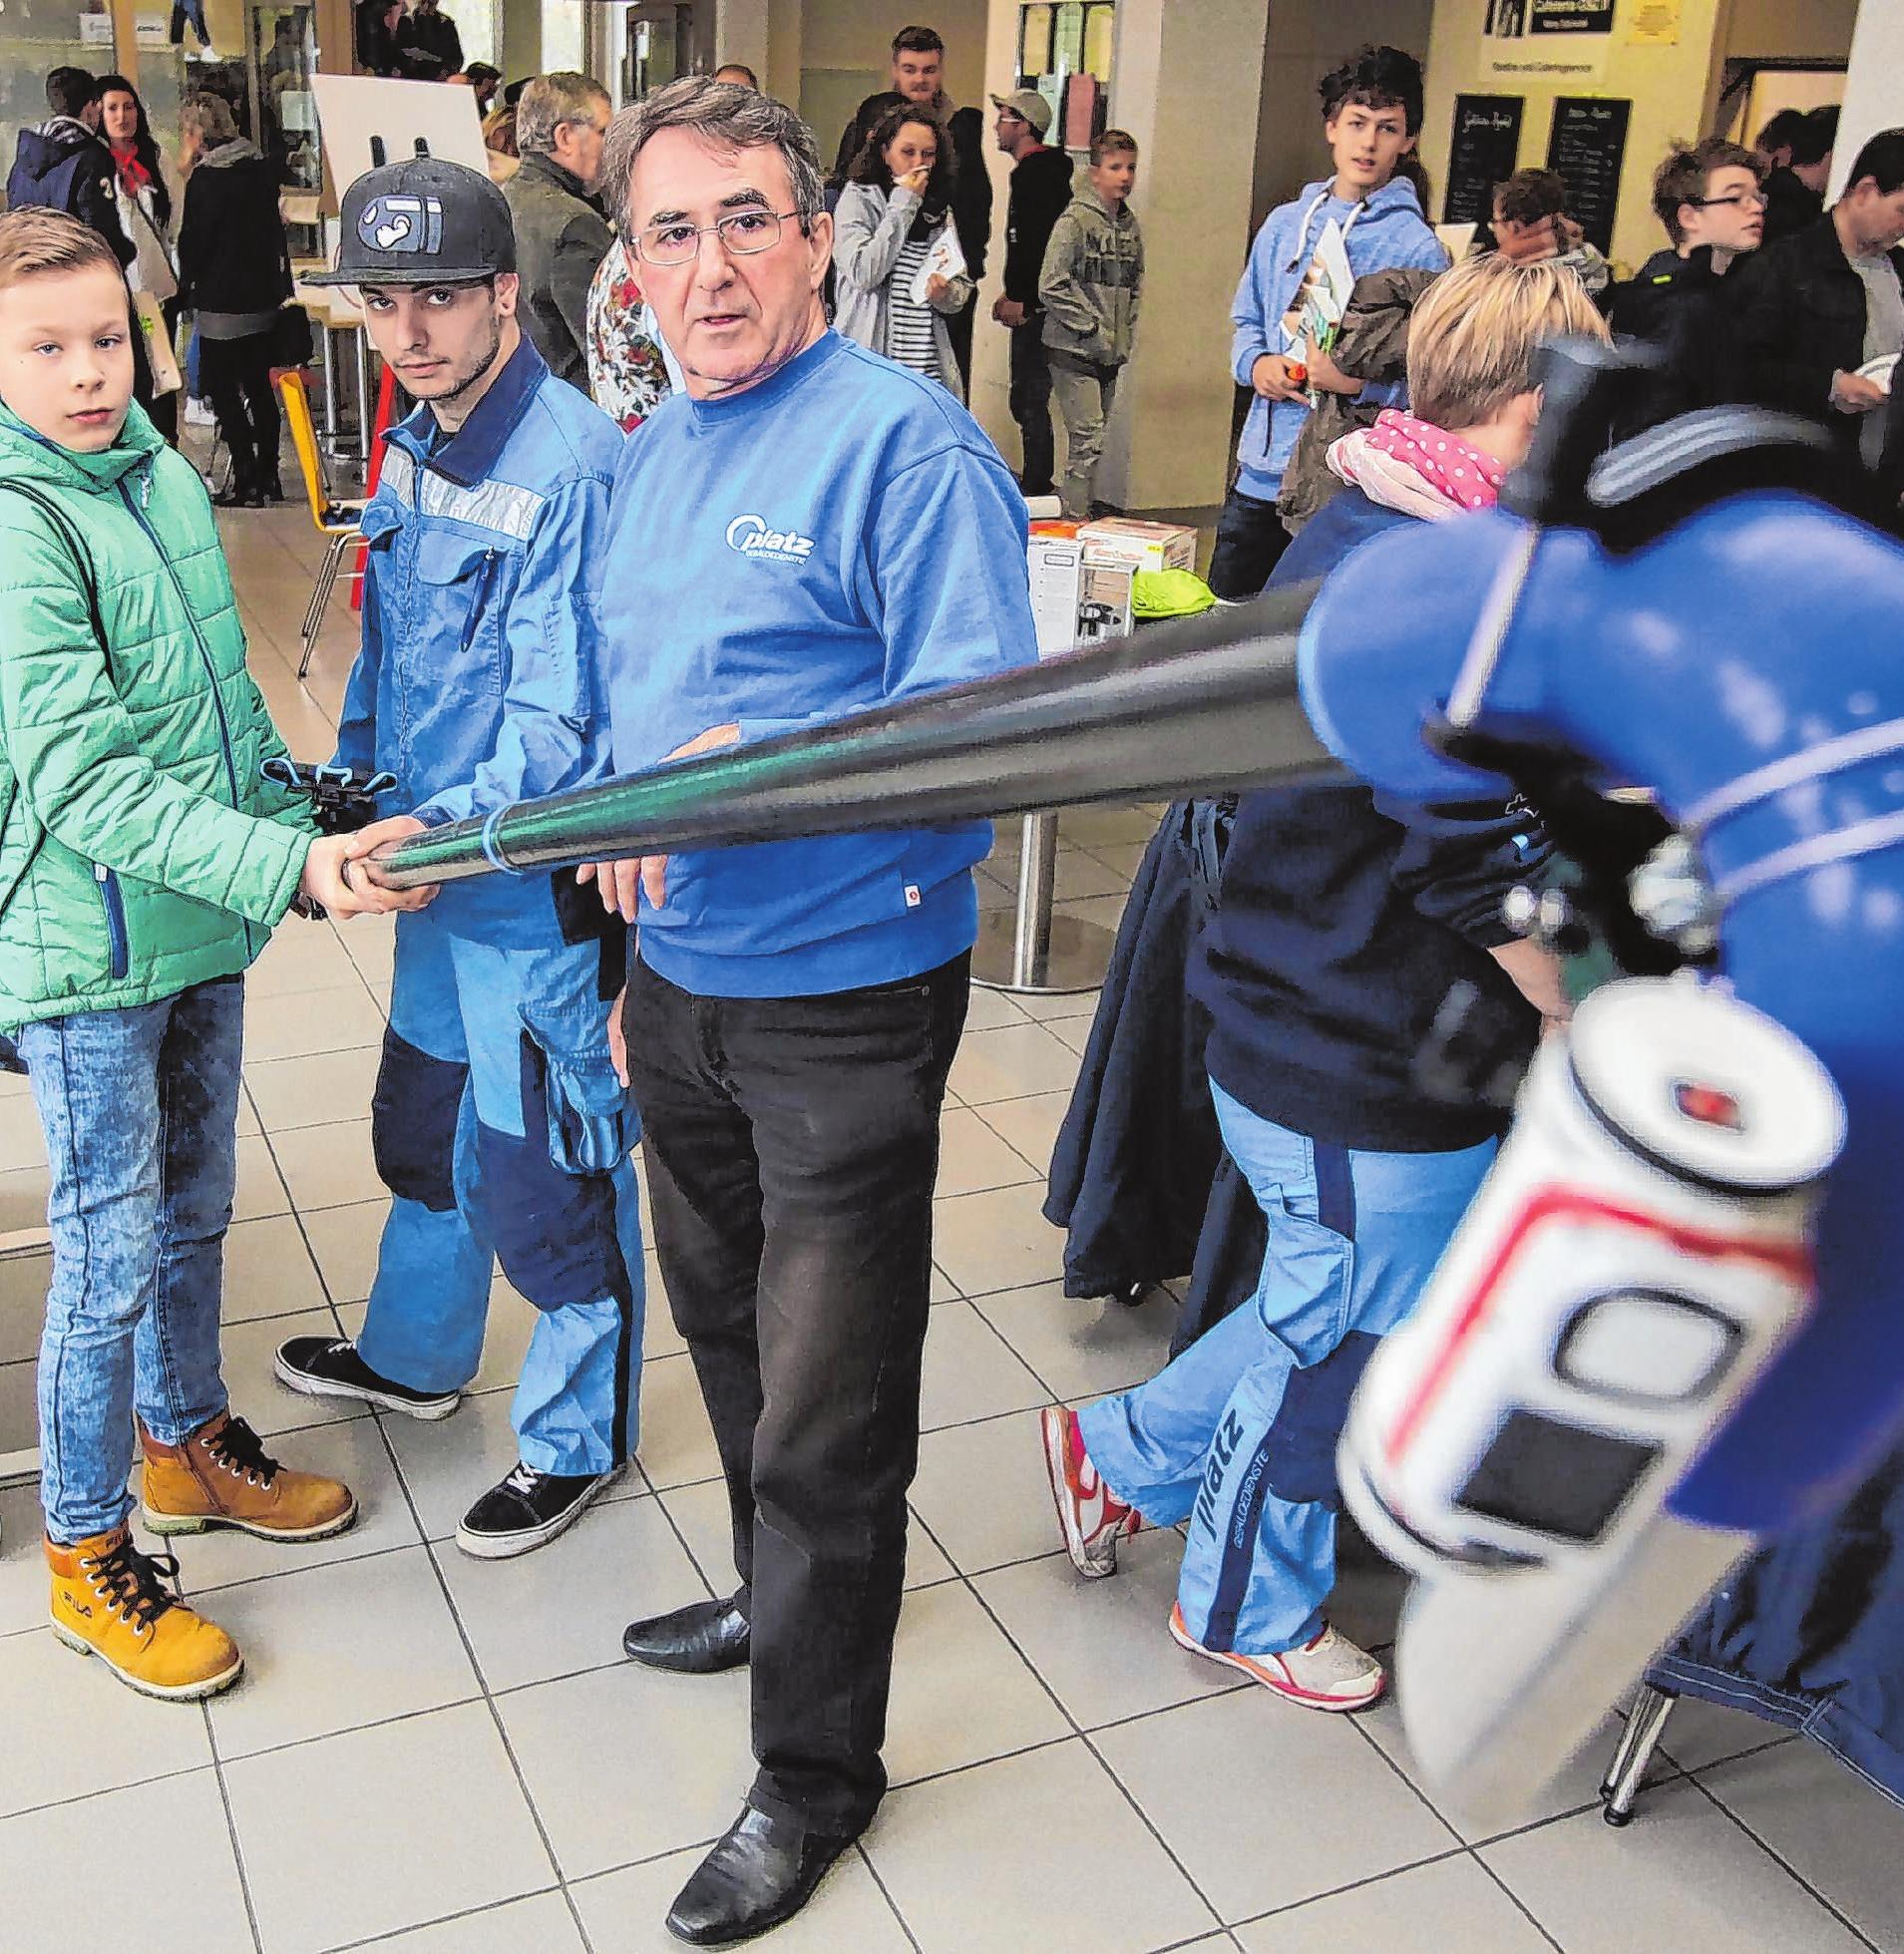 Zwei Mitarbeiter der Firma Platz GmbH begeisterten im vorigen Jahr einen jüngeren Messebesucher mit einem riesigen Staubsauger.